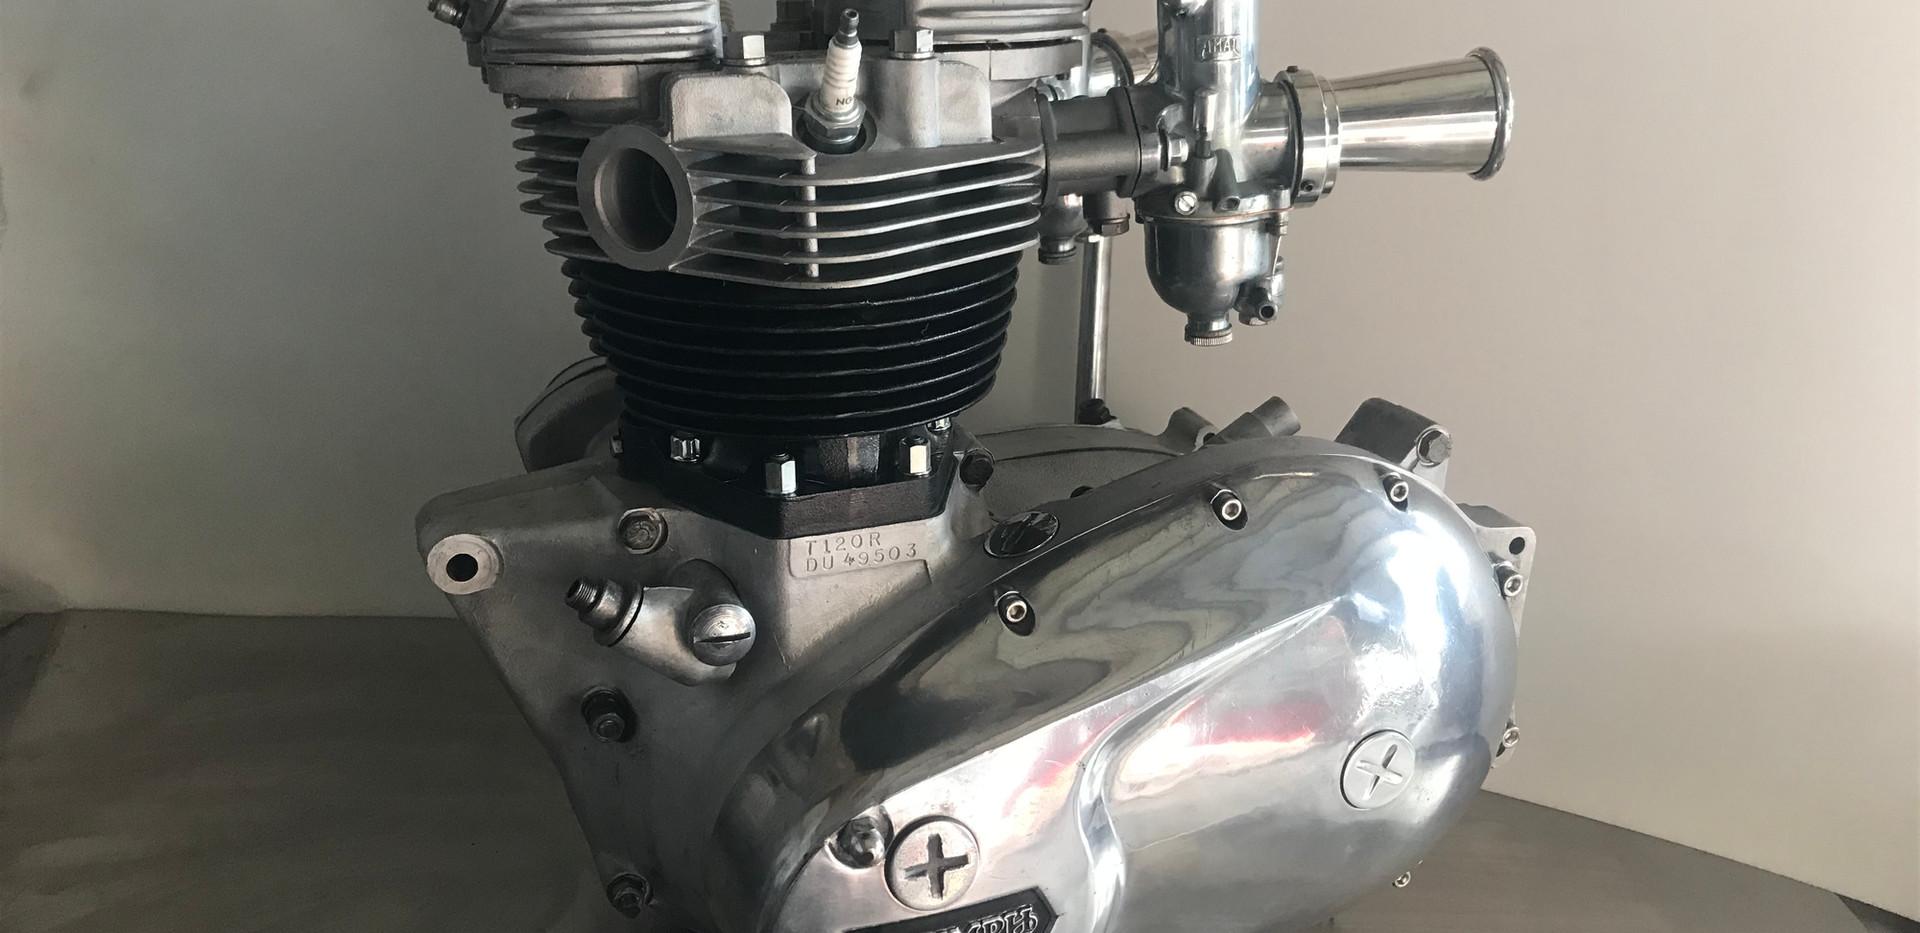 Triumph Bonneville T120 Engine Rebuild